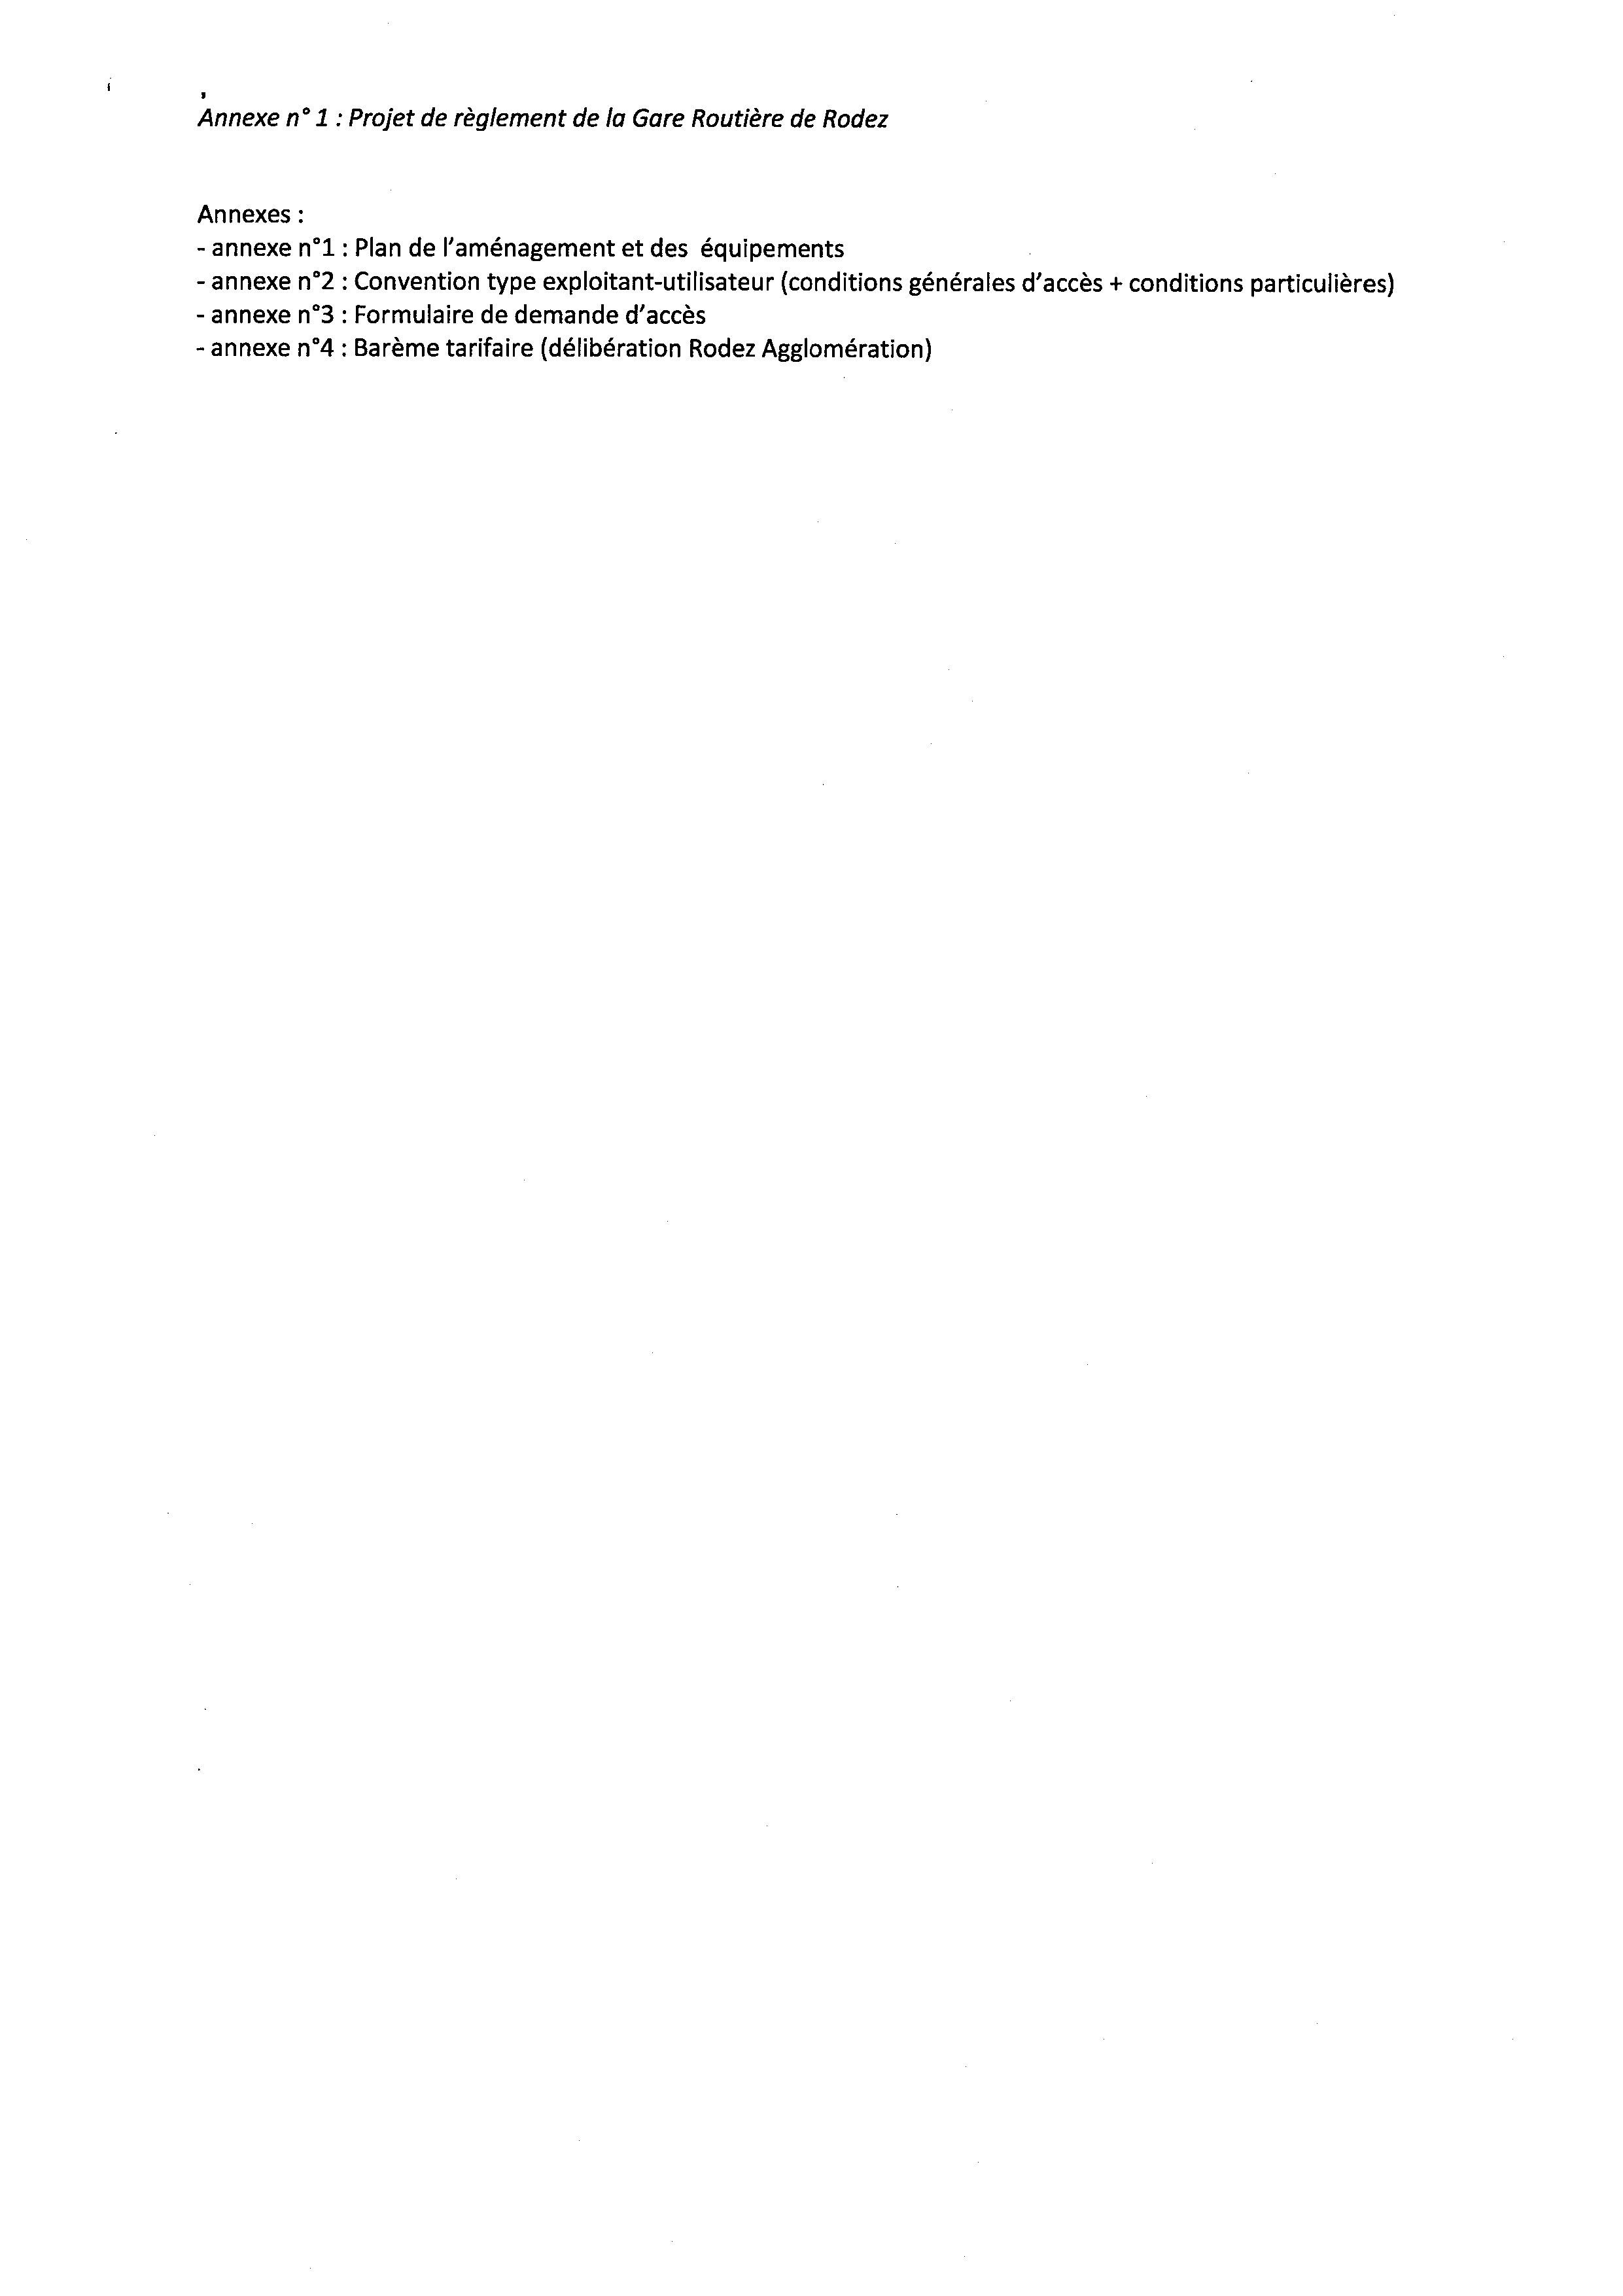 réglement-exploitation-GR-Rodez-p7